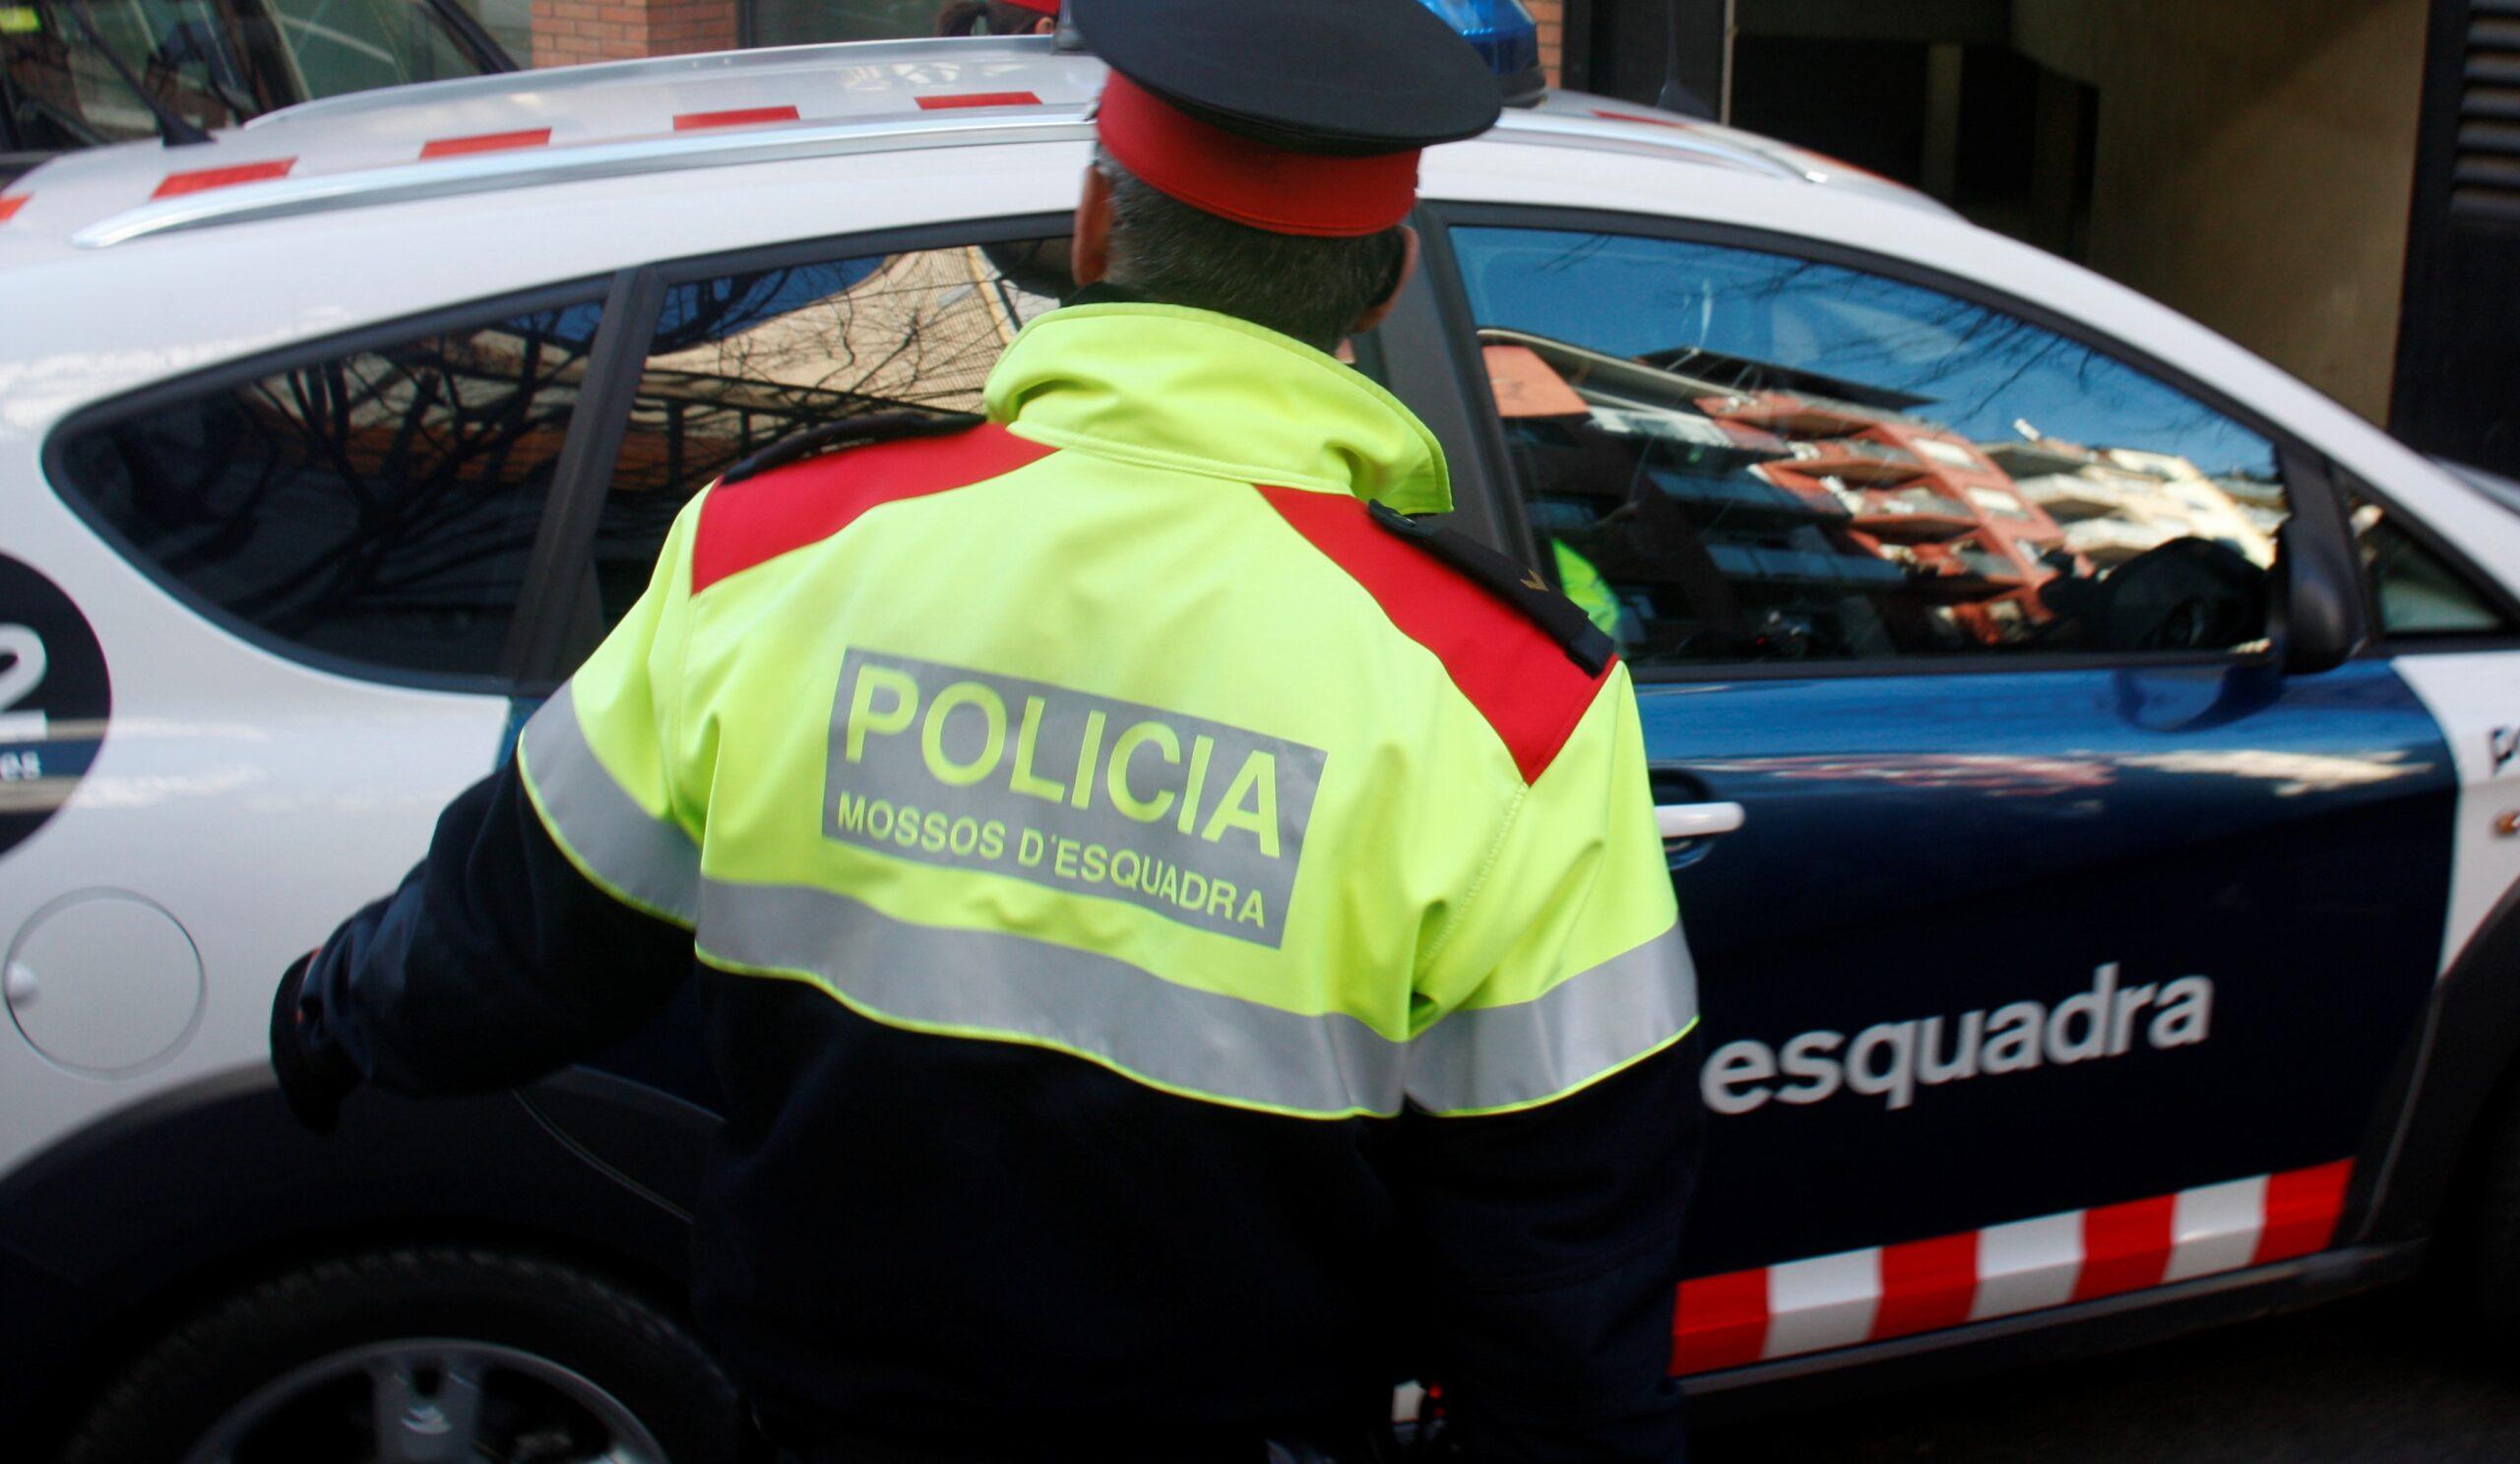 En primer pla de la imatge un agent dels Mossos d'Esquadra, i darrera el cotxe amb Fernando Blanco entrant a l'aparcament dels jutjats. Imatge del 9 de desembre de 2016. (horitzontal)